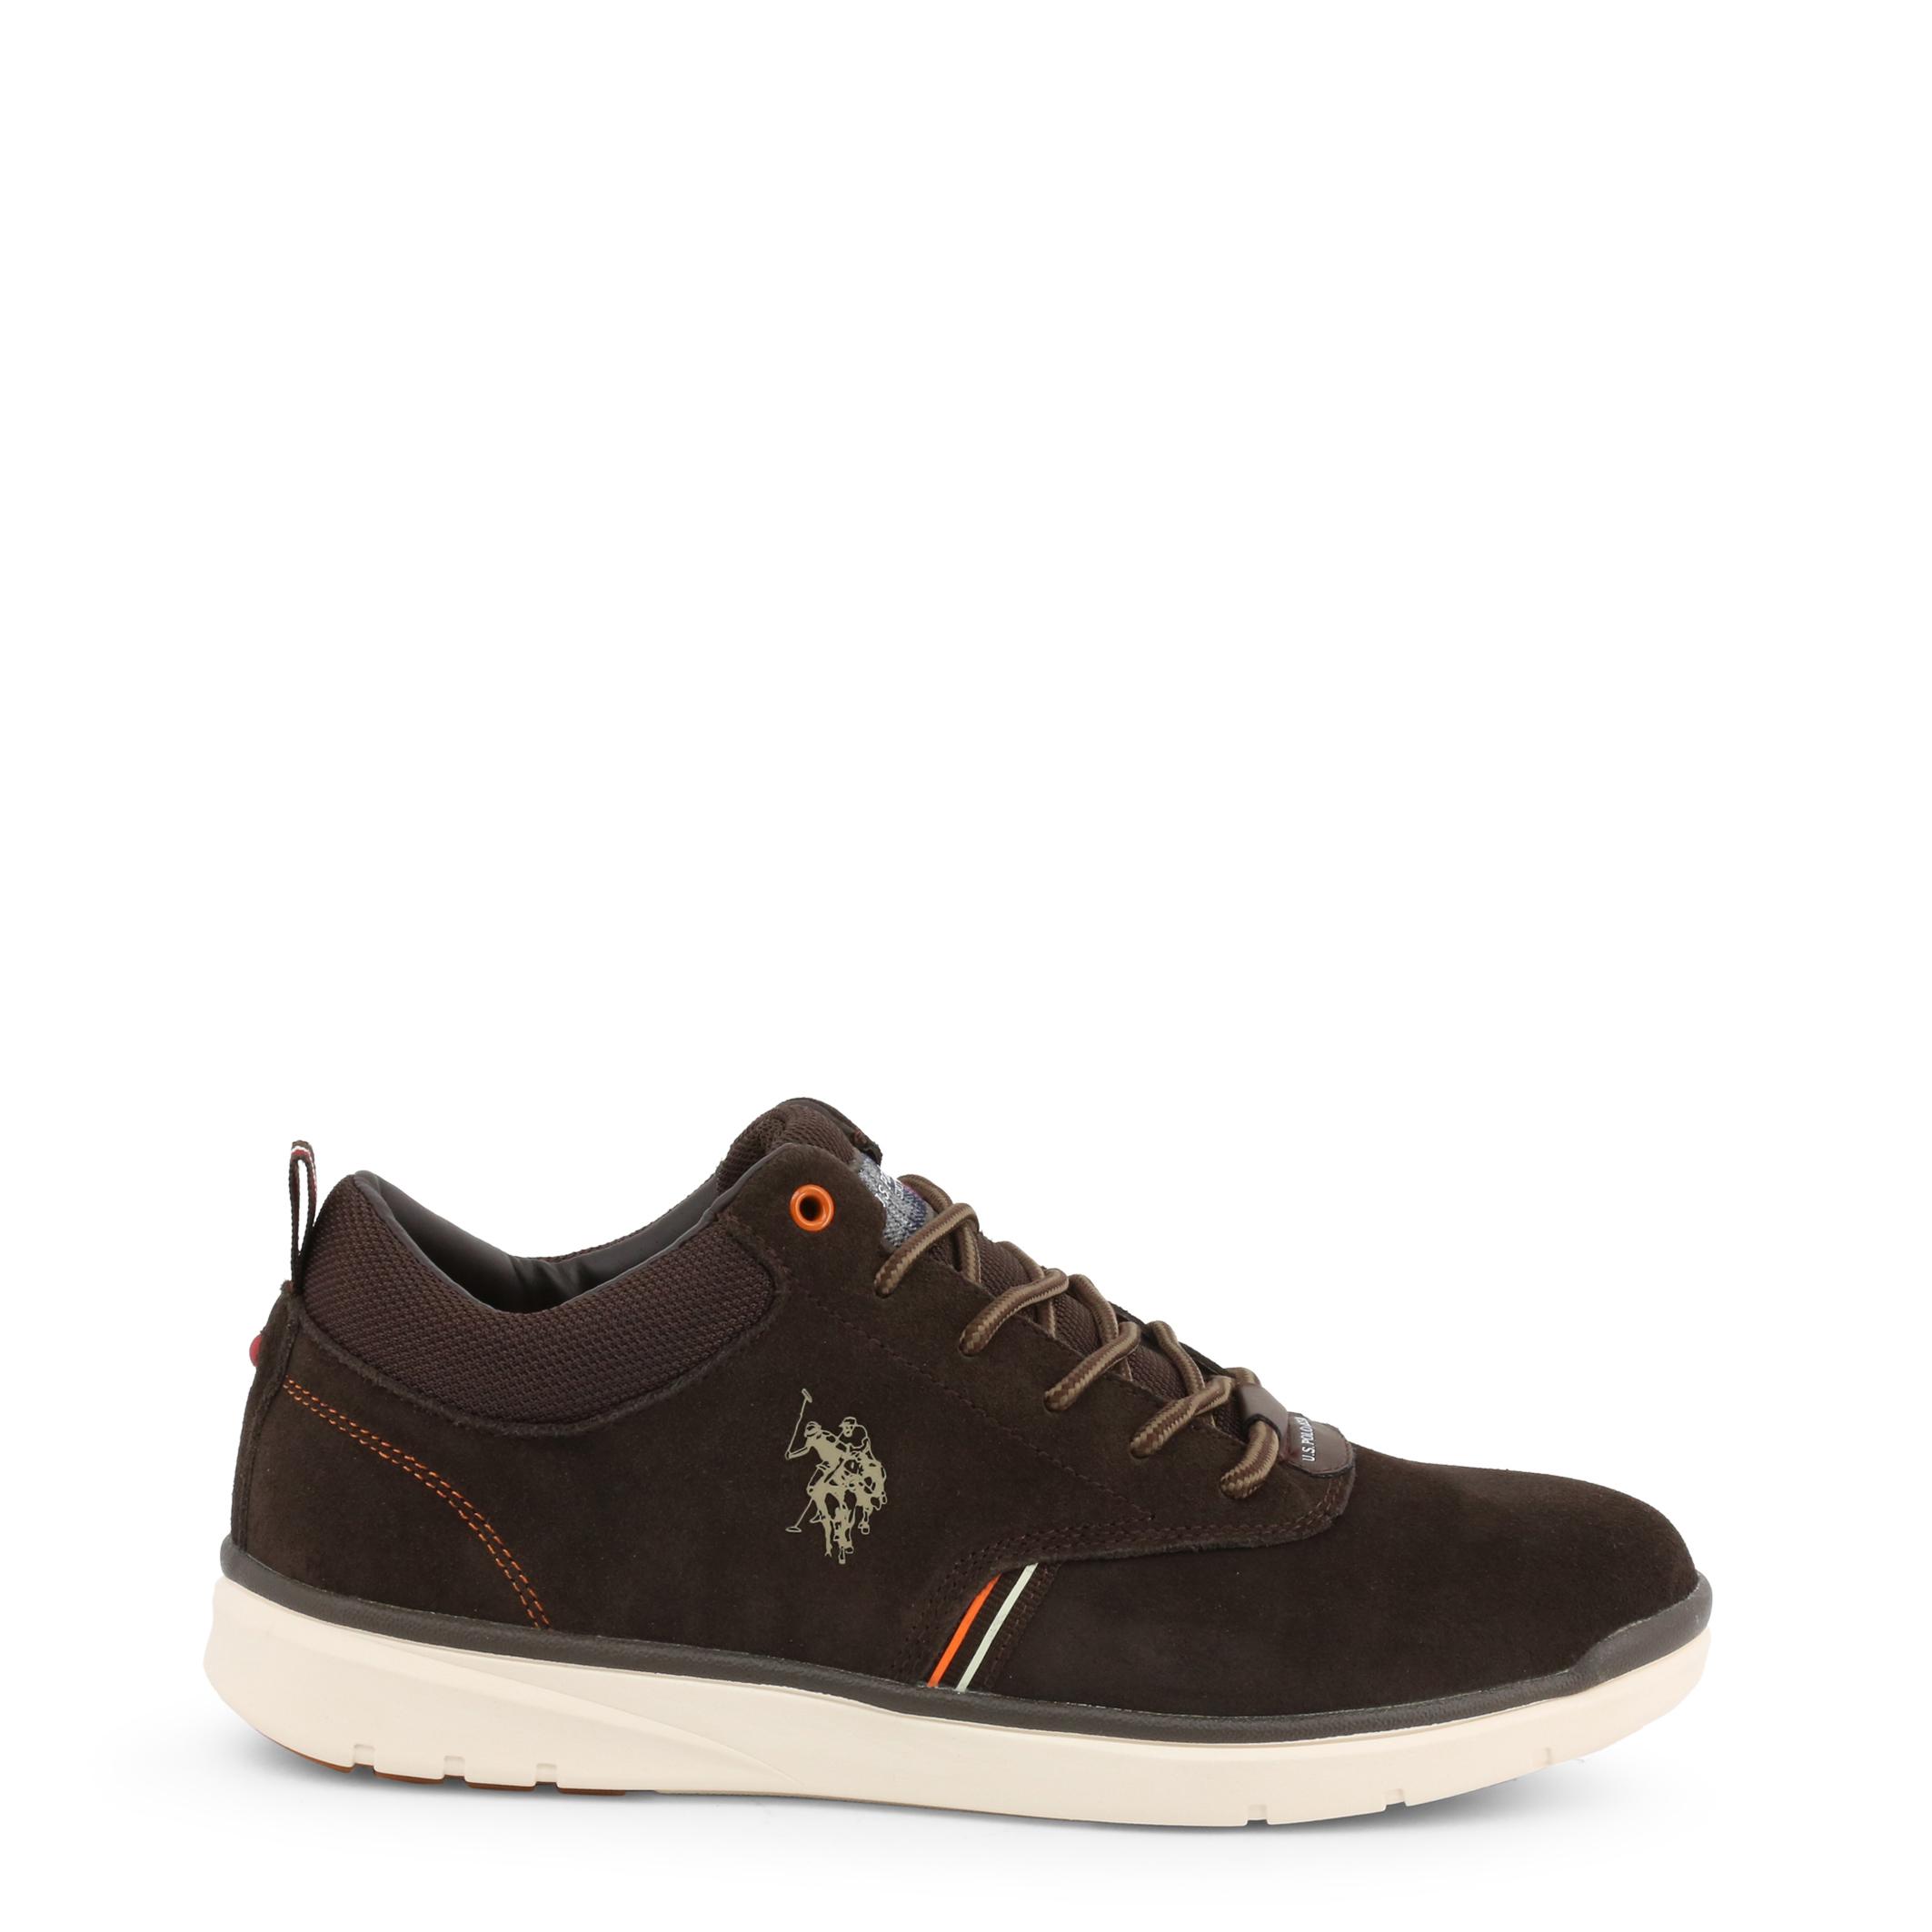 Chaussures de ville  U.S. Polo Assn. YGOR4125W9_S1_DKBR brown